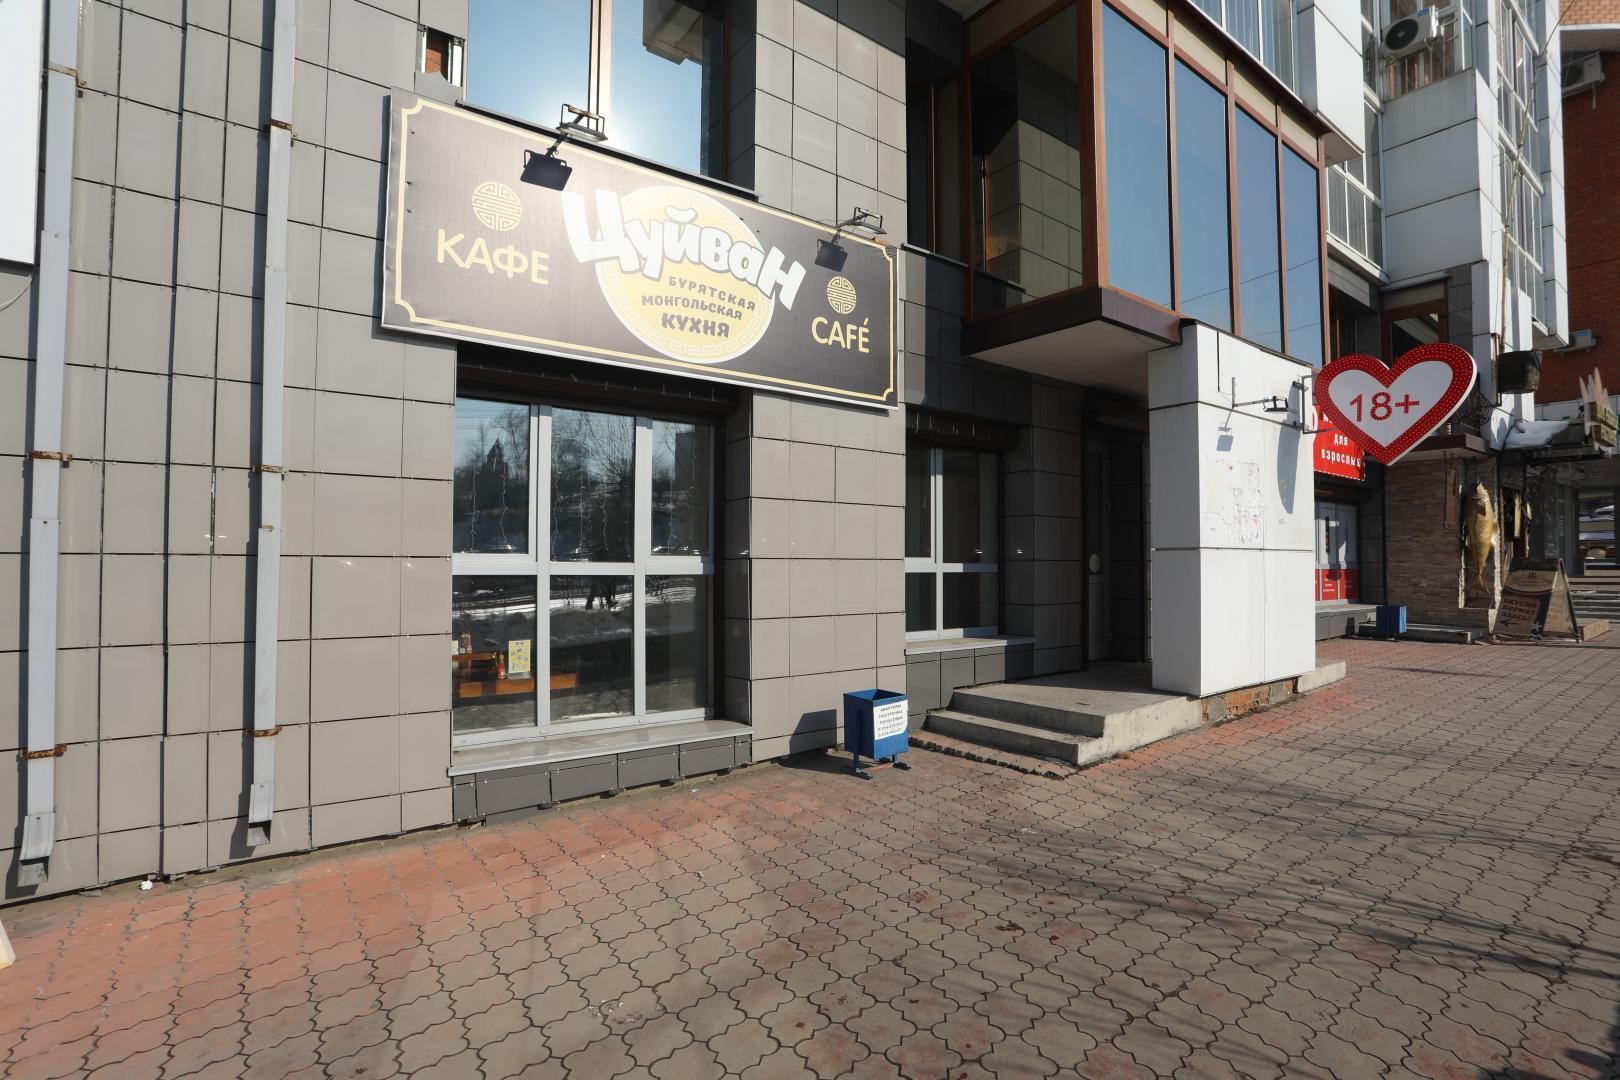 Public Catering на продажу по адресу Россия, Иркутская область, городской округ Иркутск, Иркутск, Партизанская улица, 47